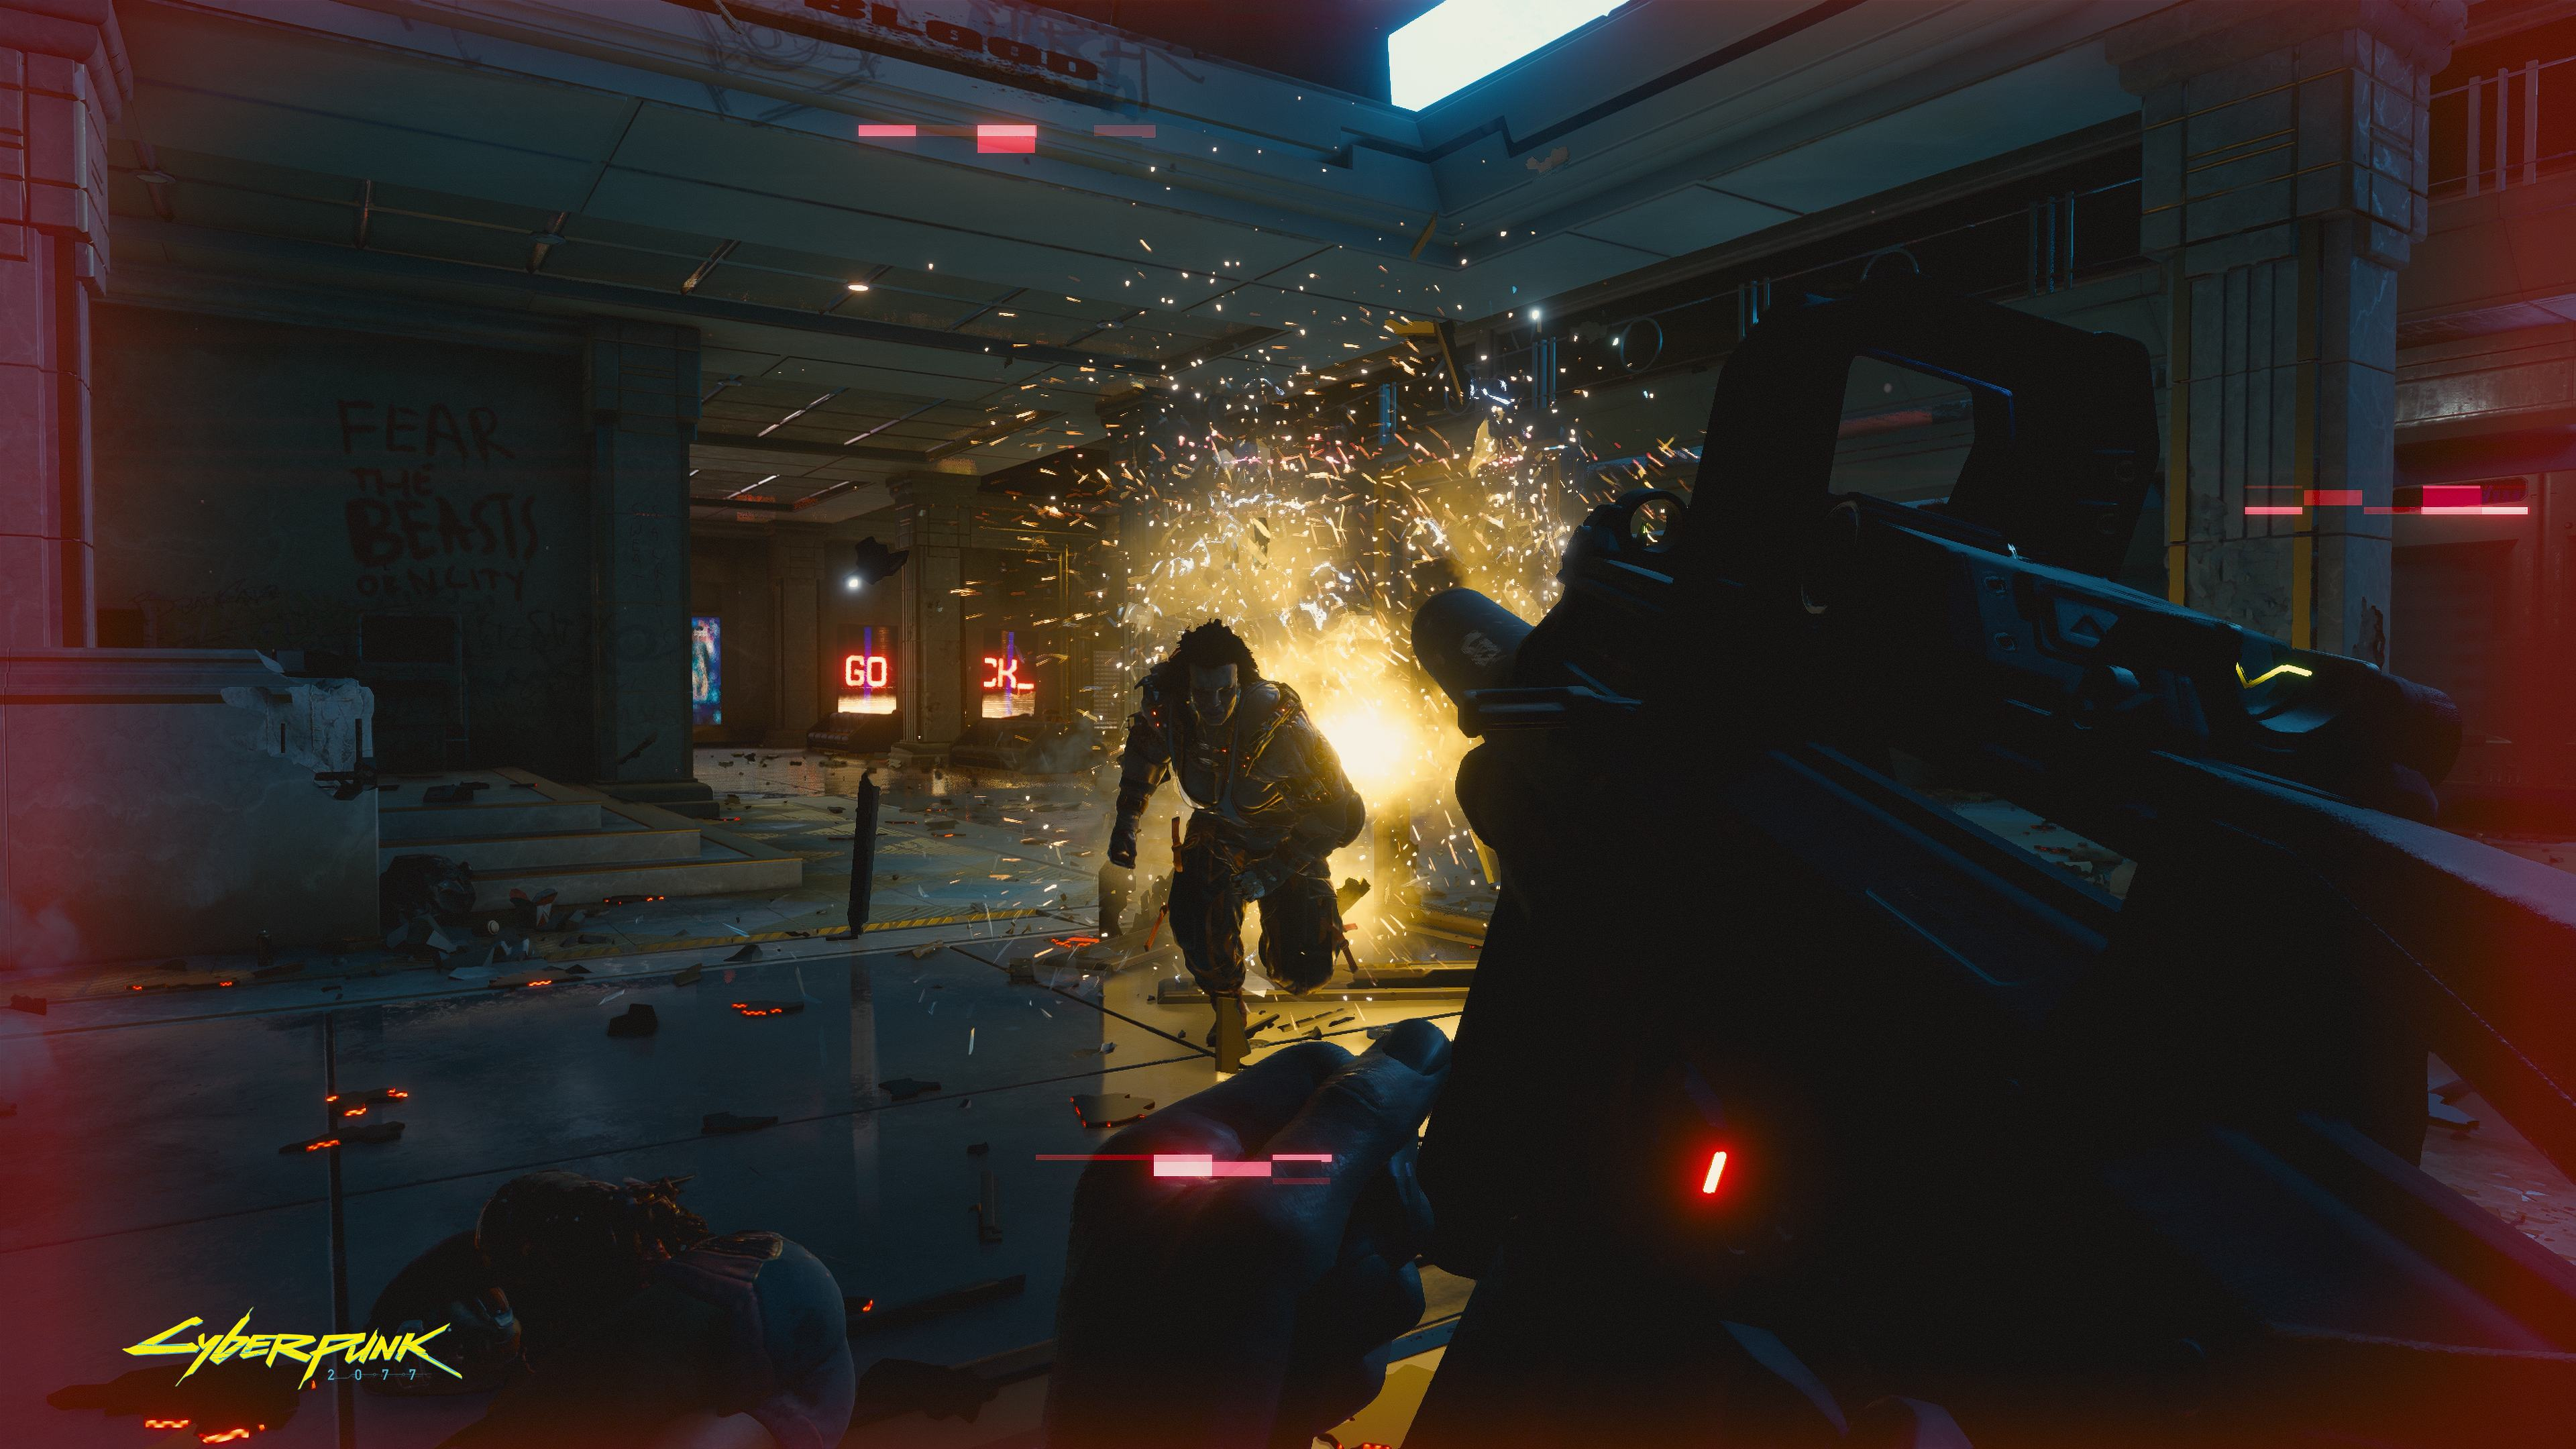 cyberpunk-2077-gamescom-2019-combat